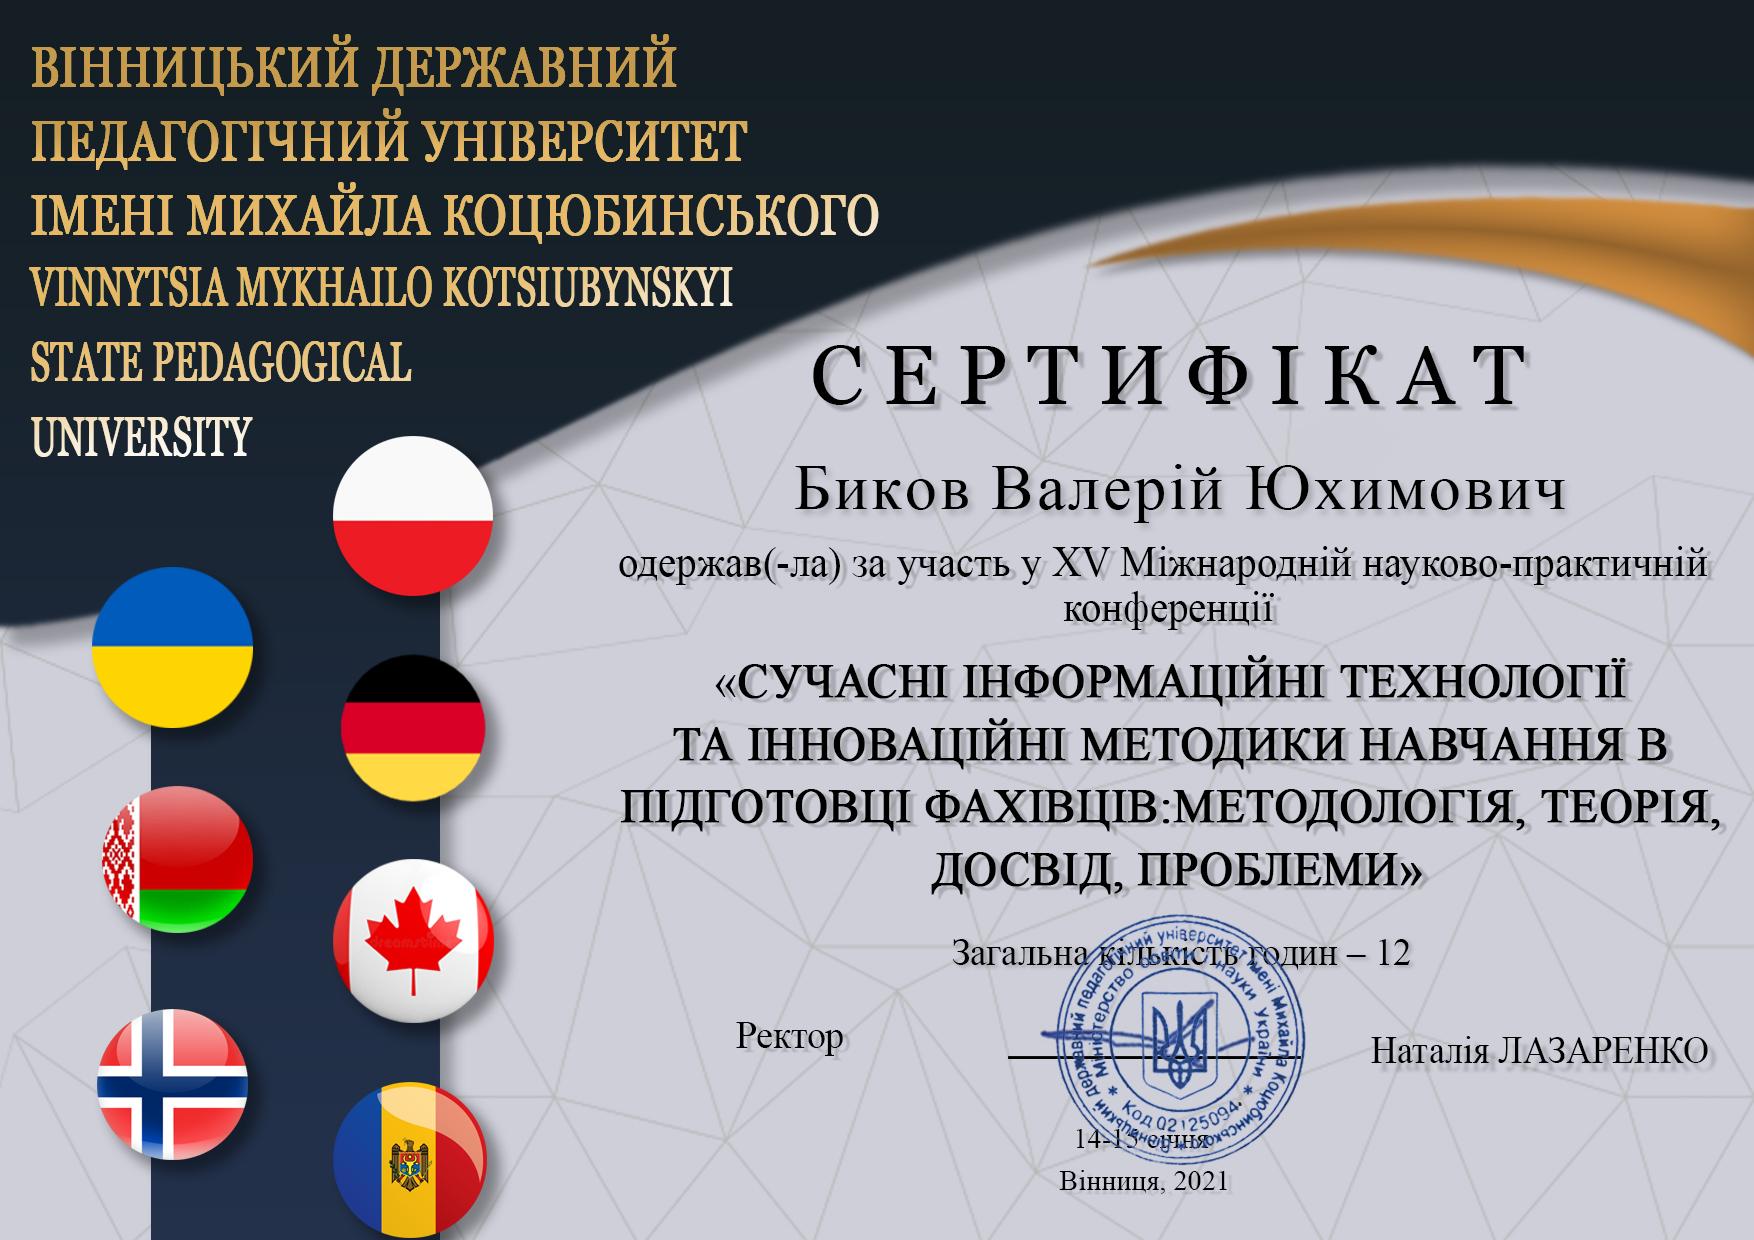 Биков Валерій Юхимович